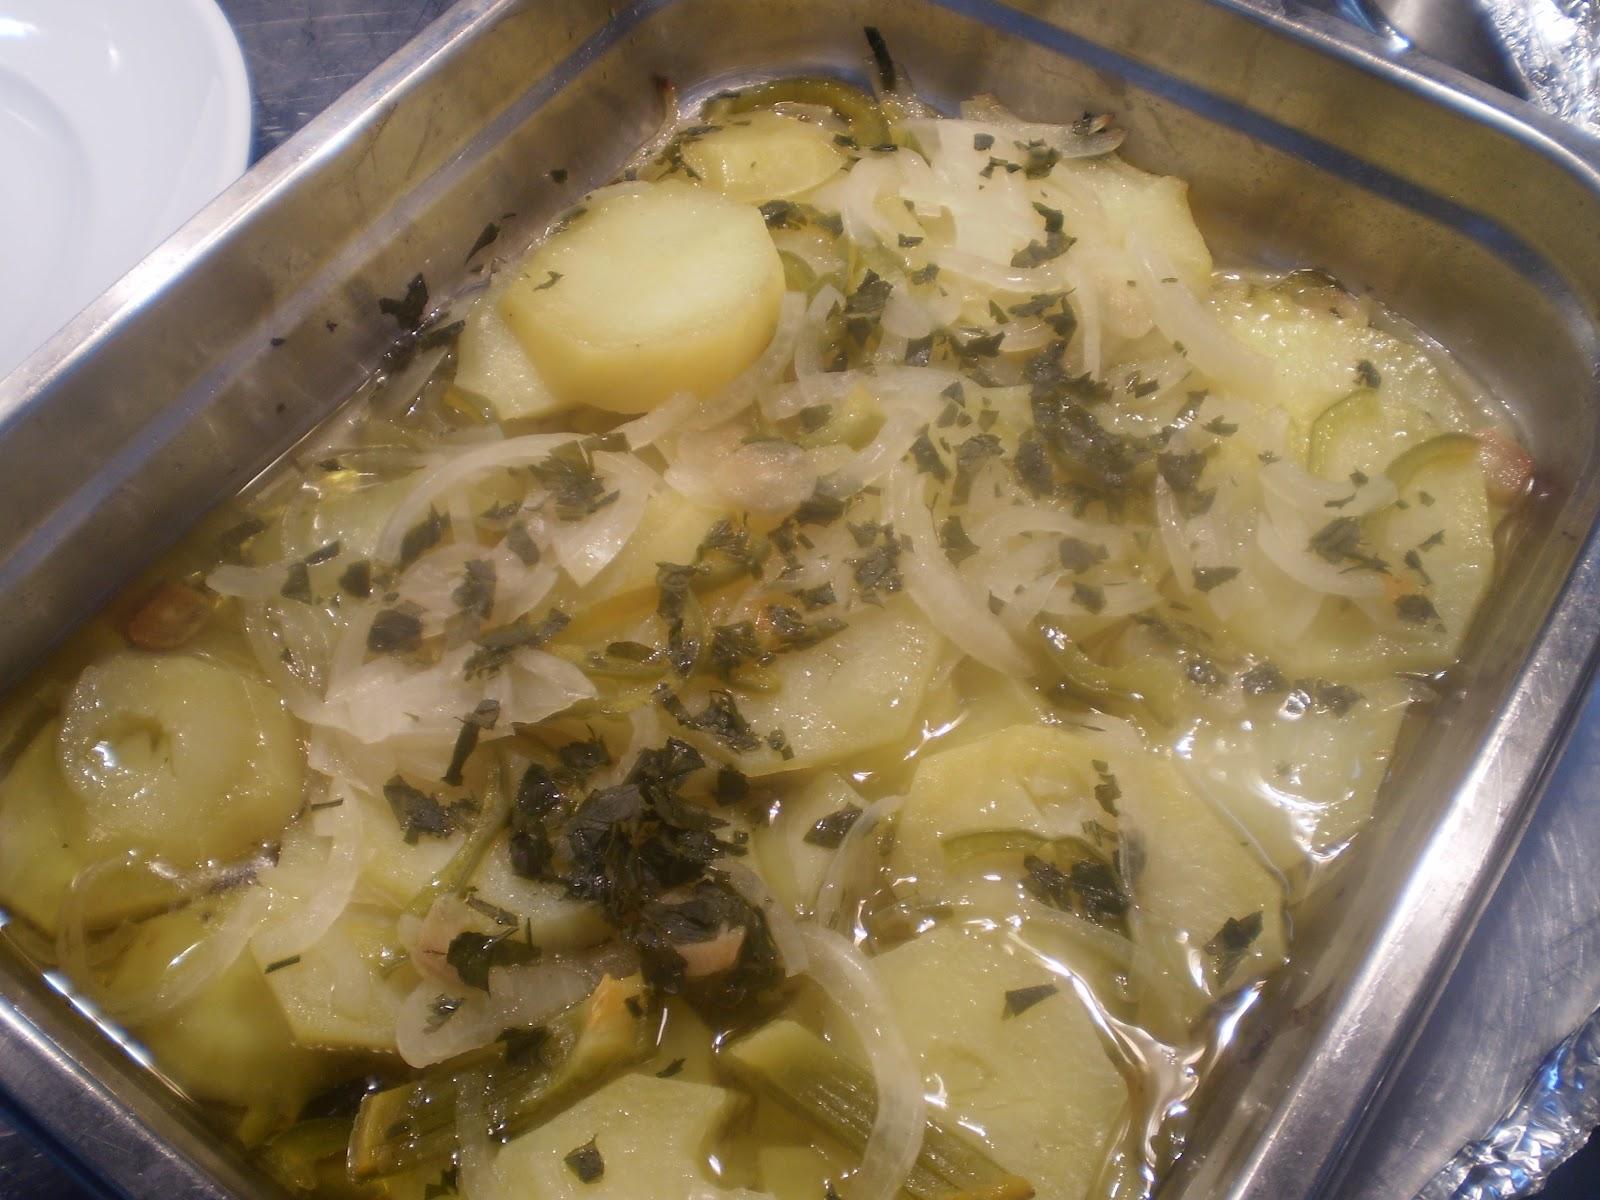 La cocina de bartolo patatas al horno - Patatas pequenas al horno ...